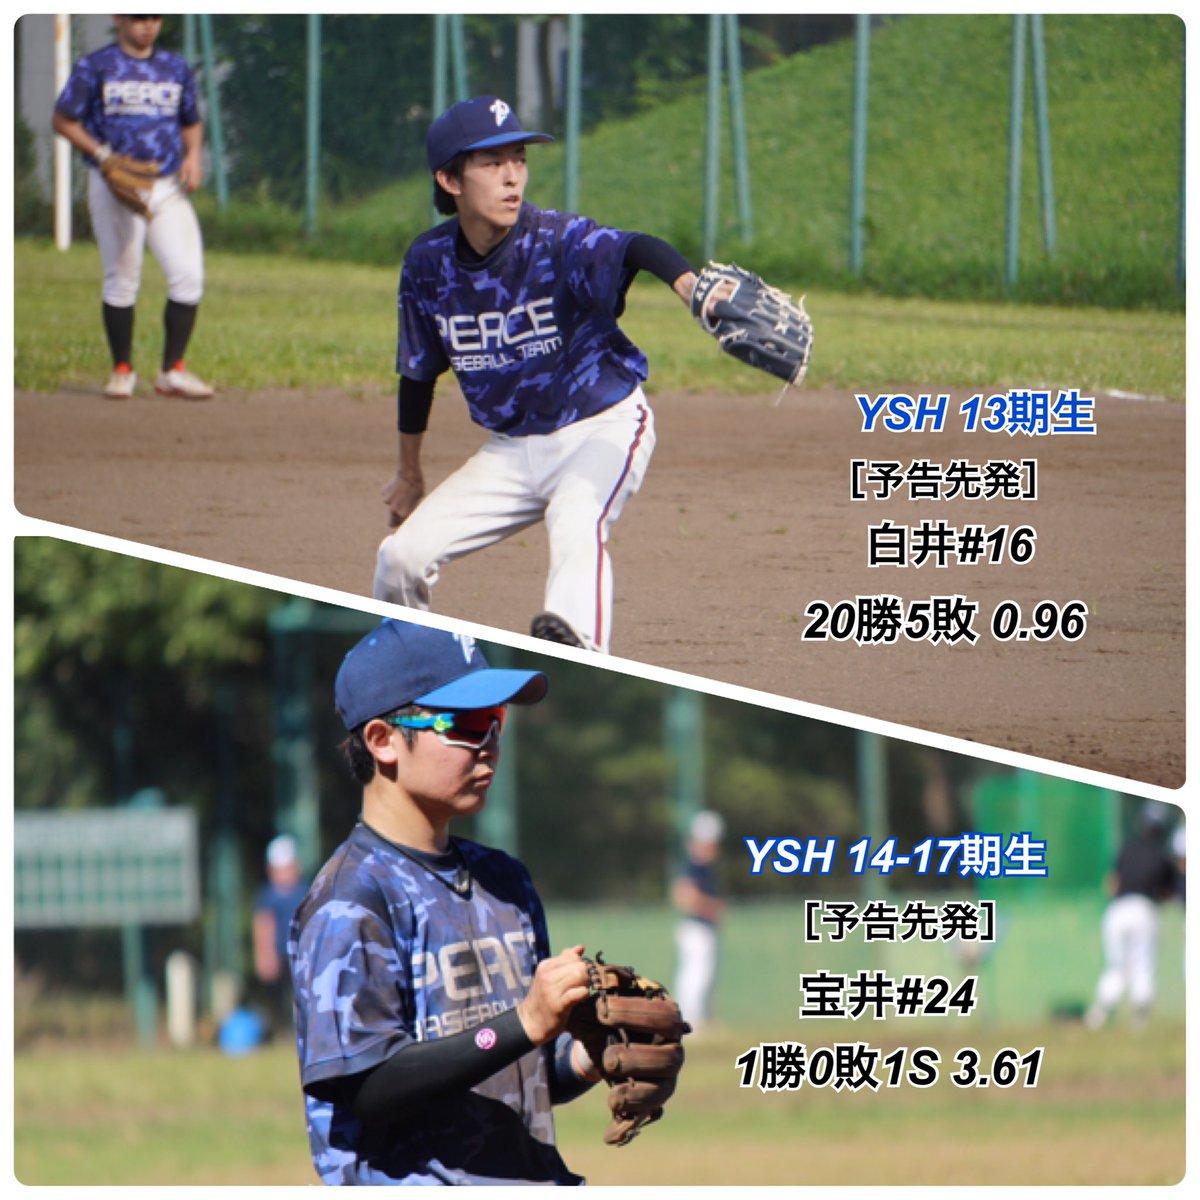 高校 野球 総合 部 横須賀